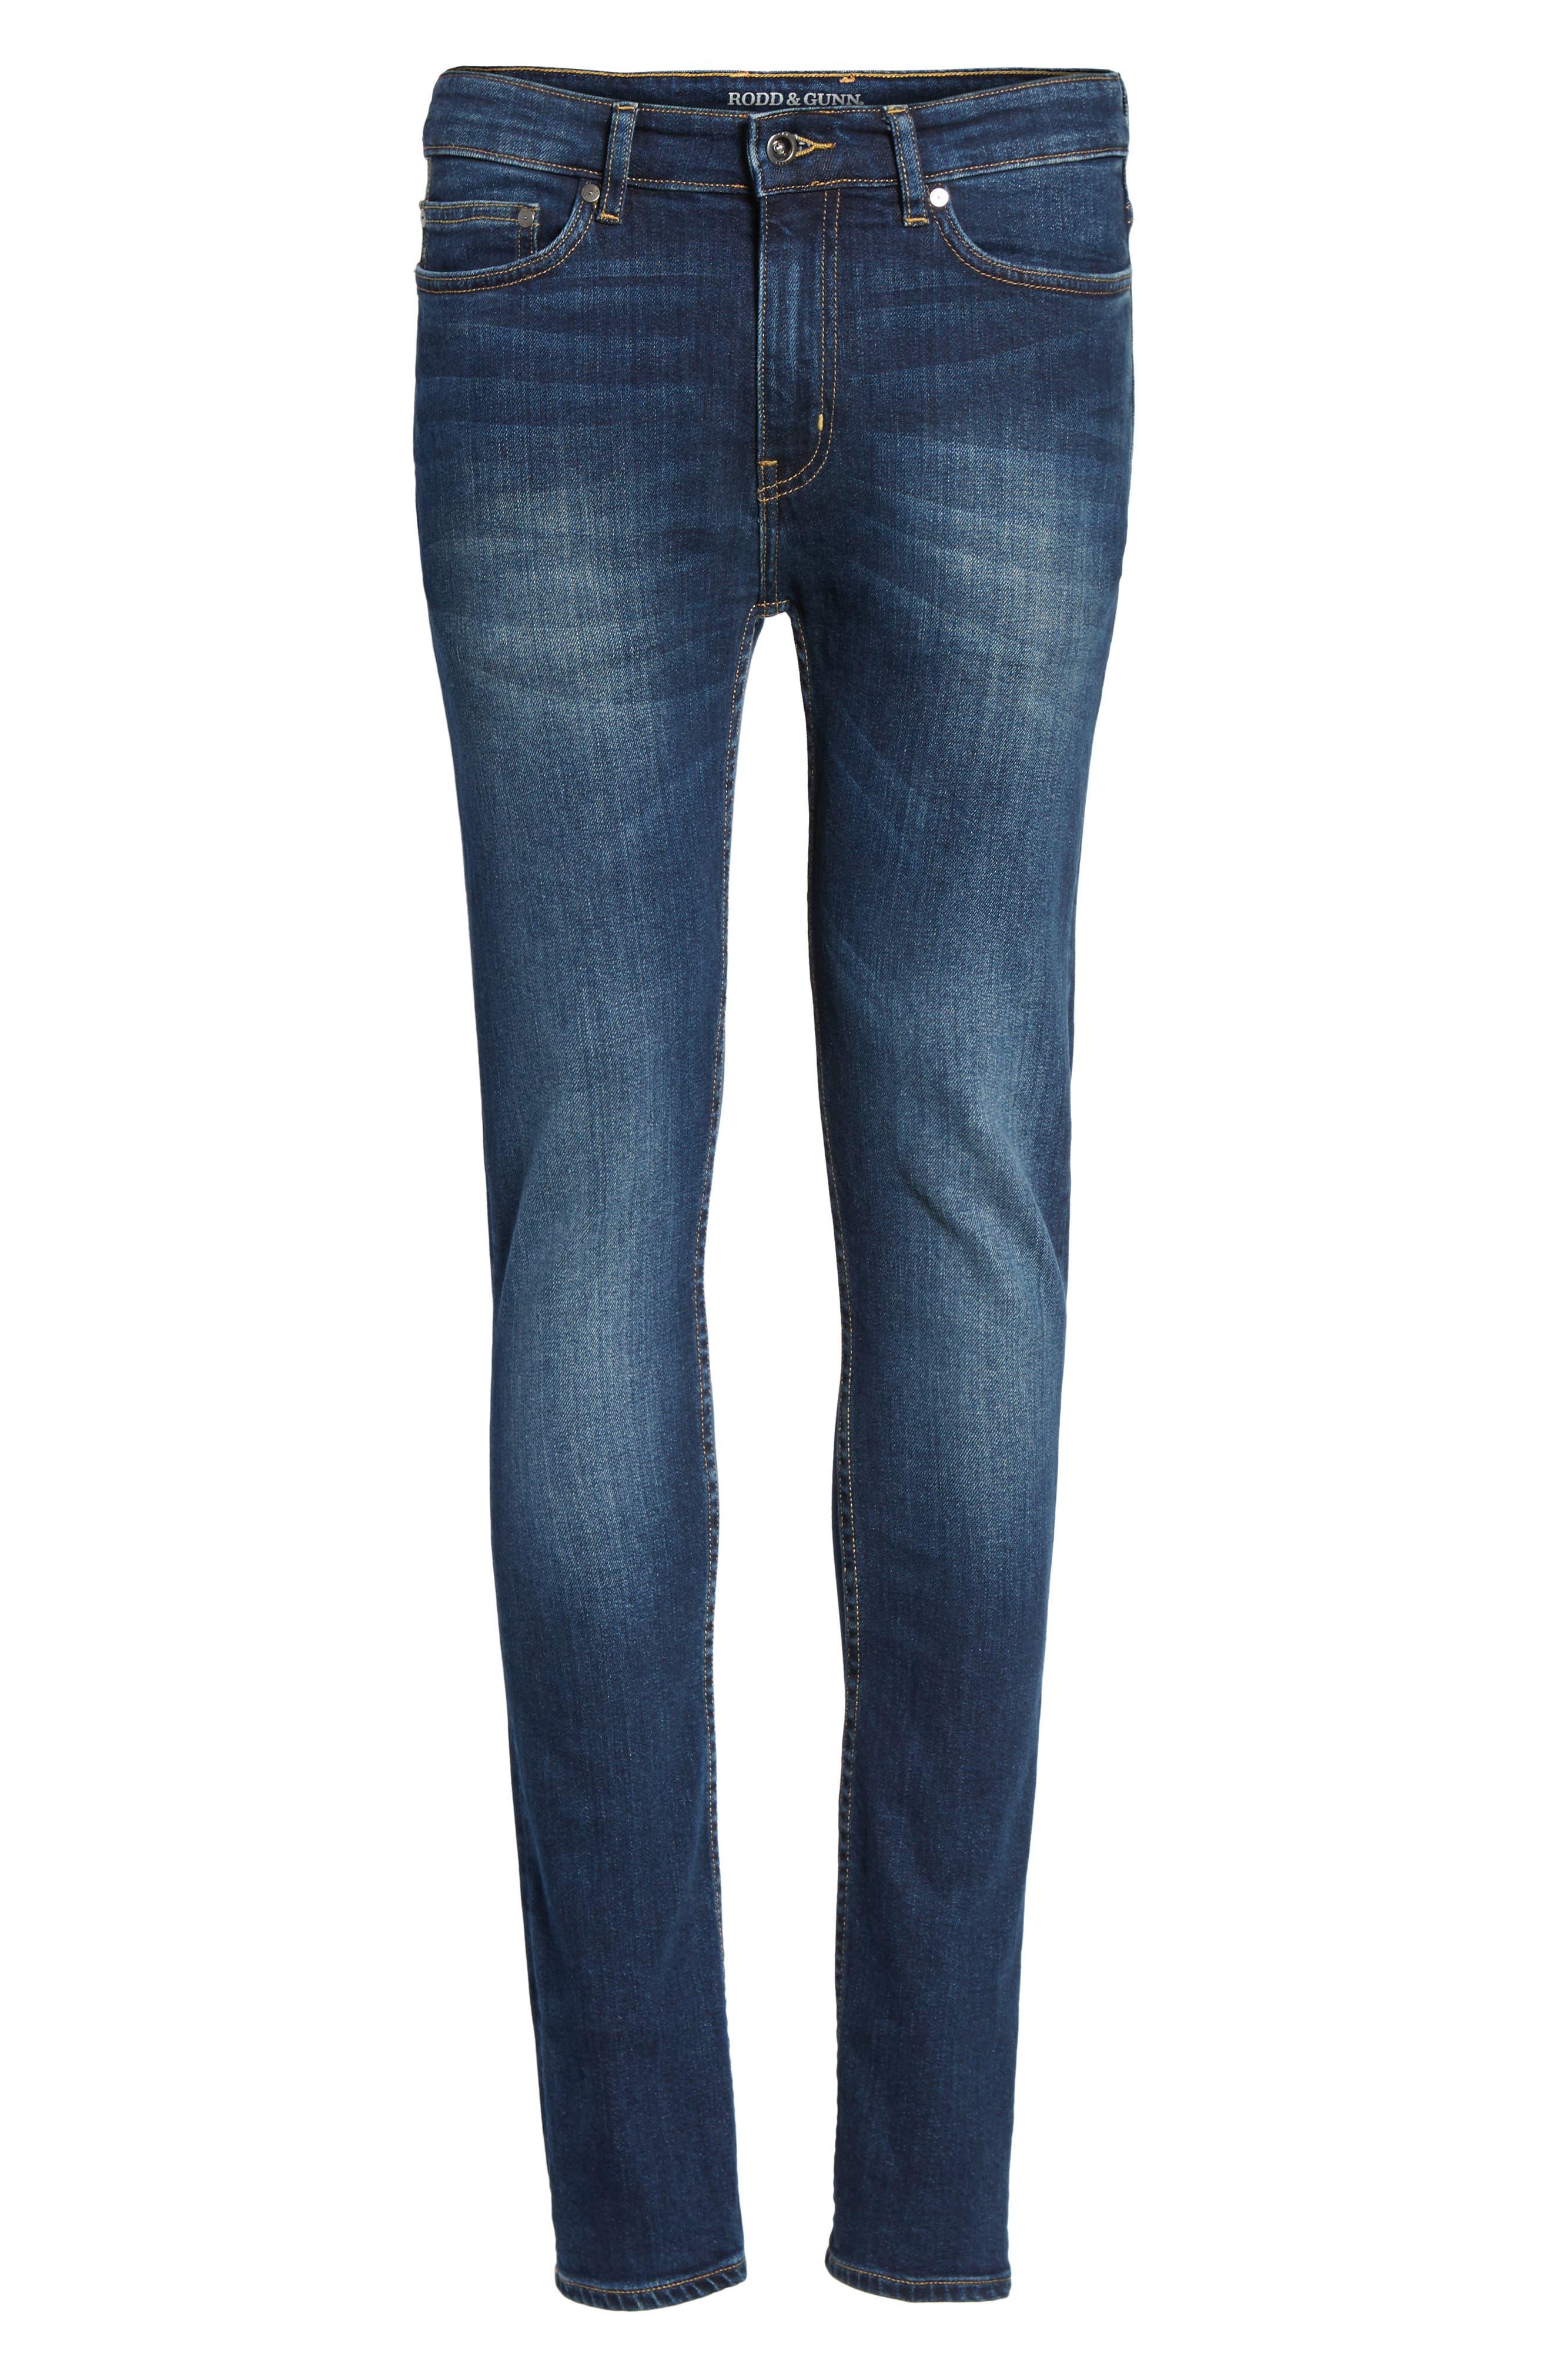 Derbyshire Slim Fit Jeans,                             Alternate thumbnail 6, color,                             DENIM